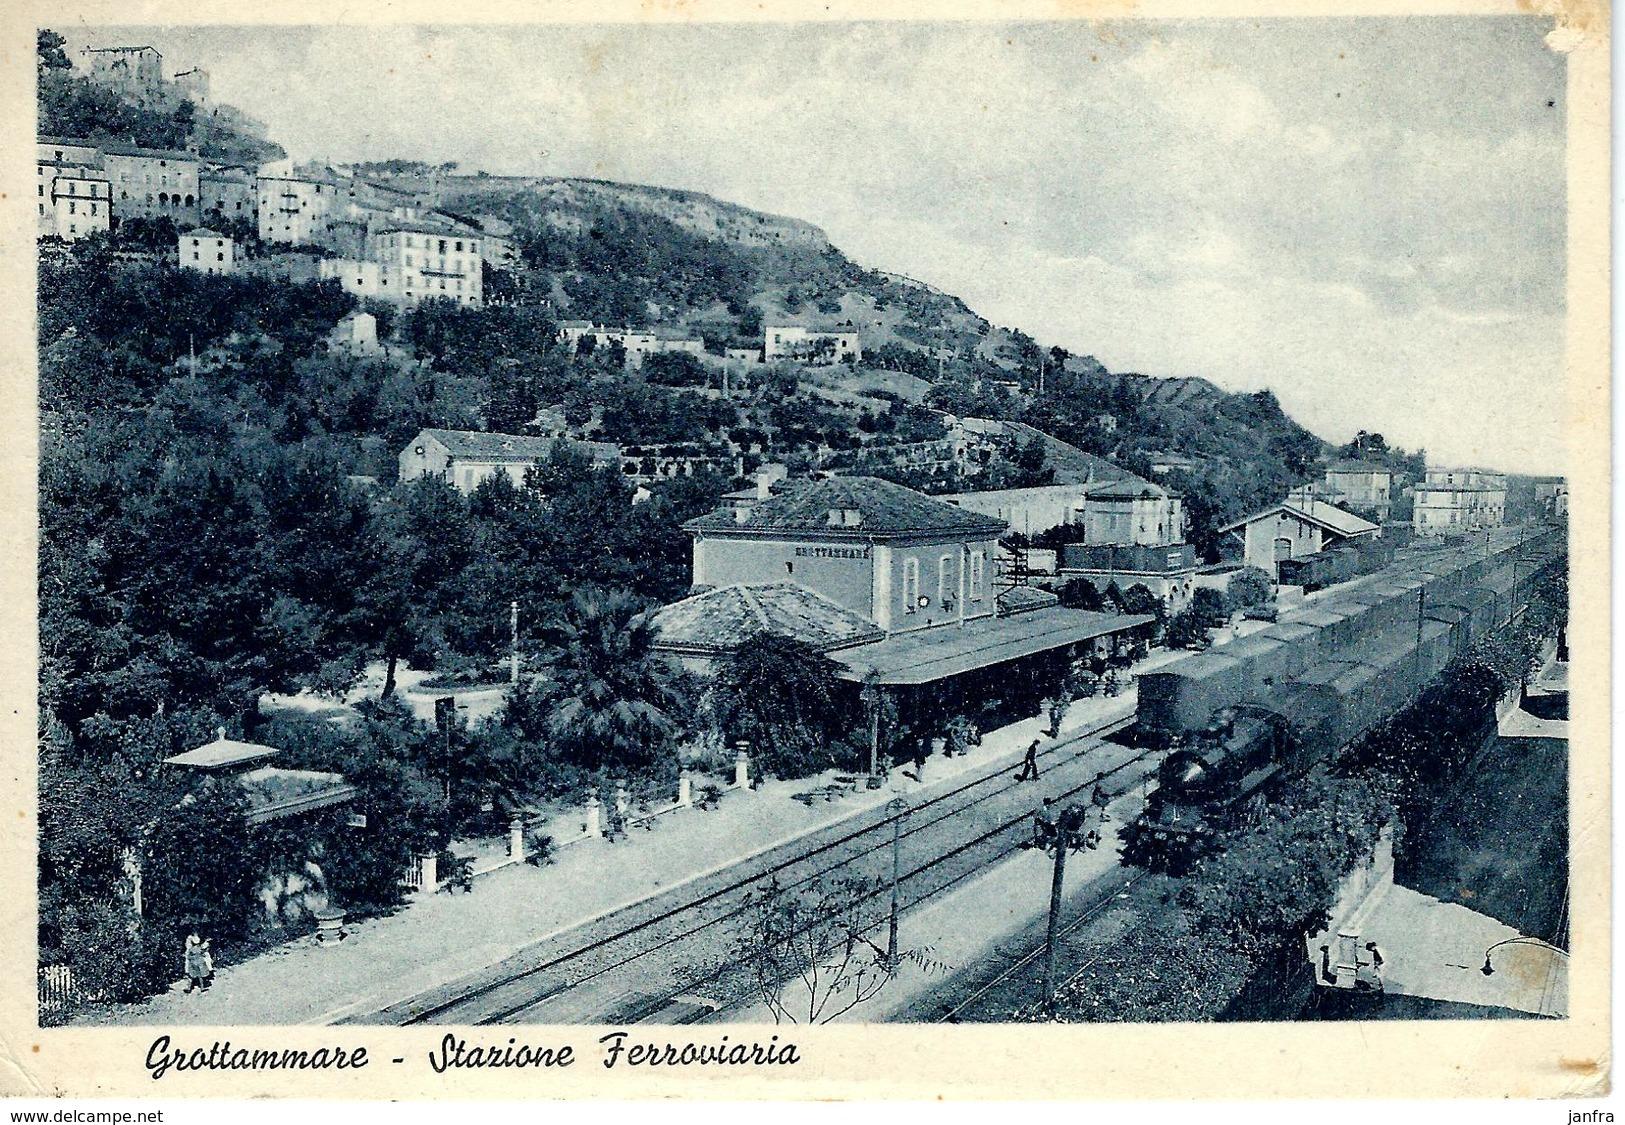 GROTTAMMARE - STAZIONE FERROVIARIA - Ascoli Piceno